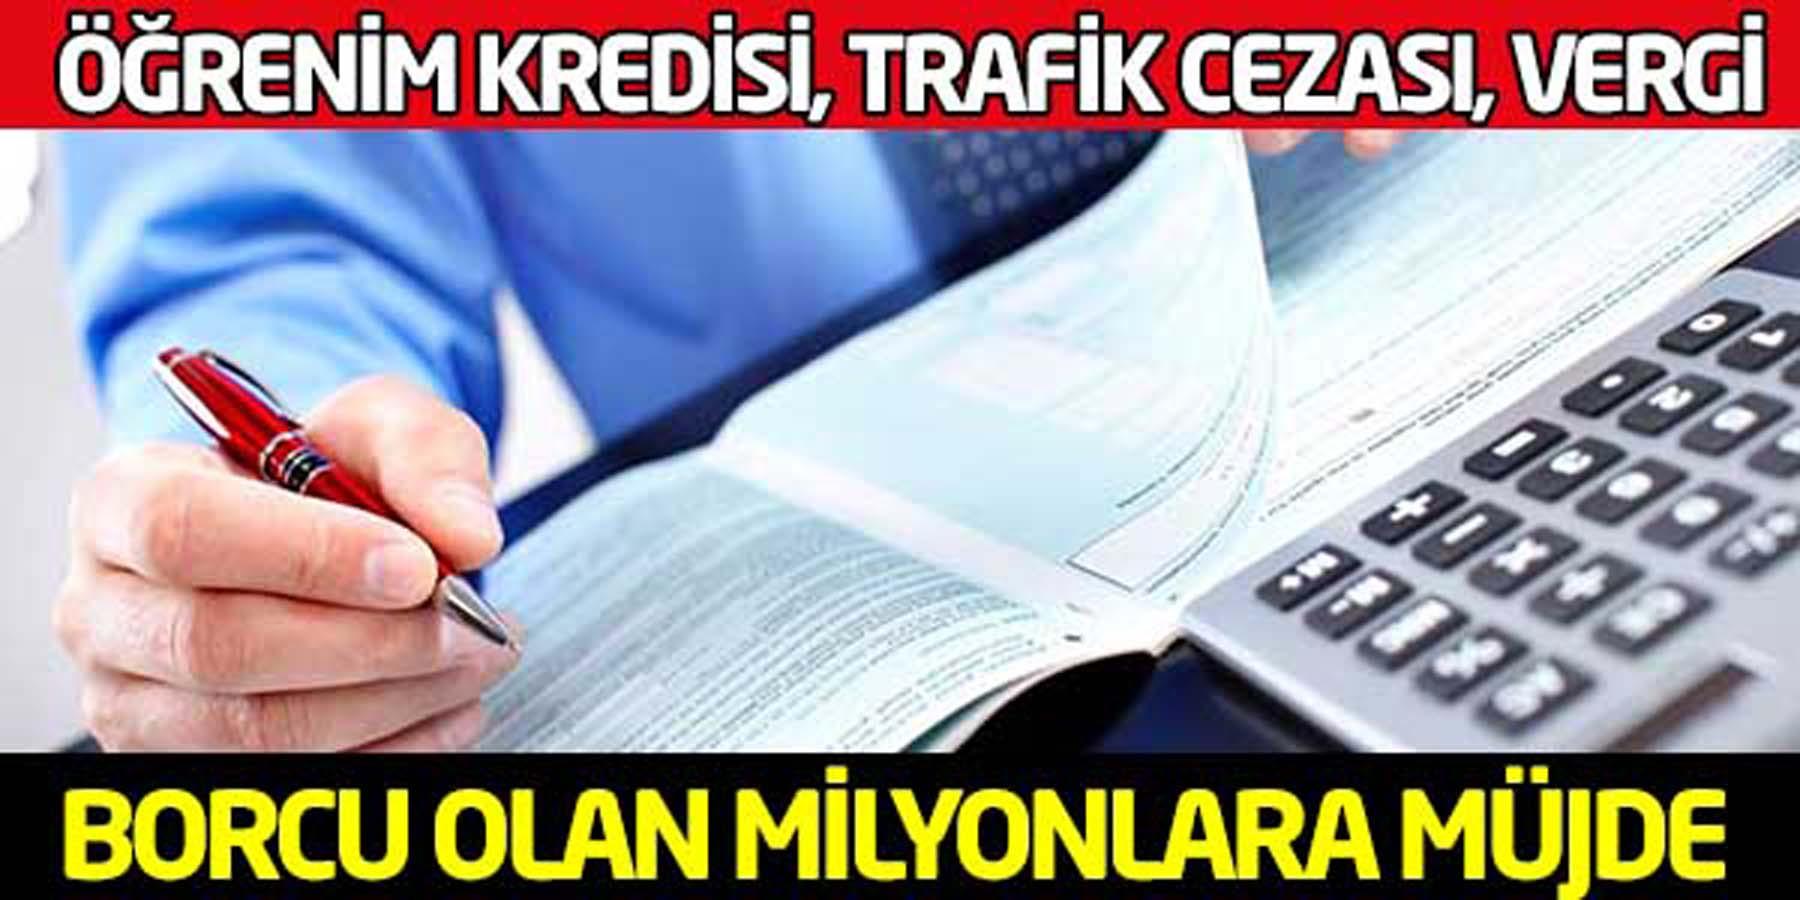 Trafik Cezası Öğrenim Kredisi ve Vergi Affı